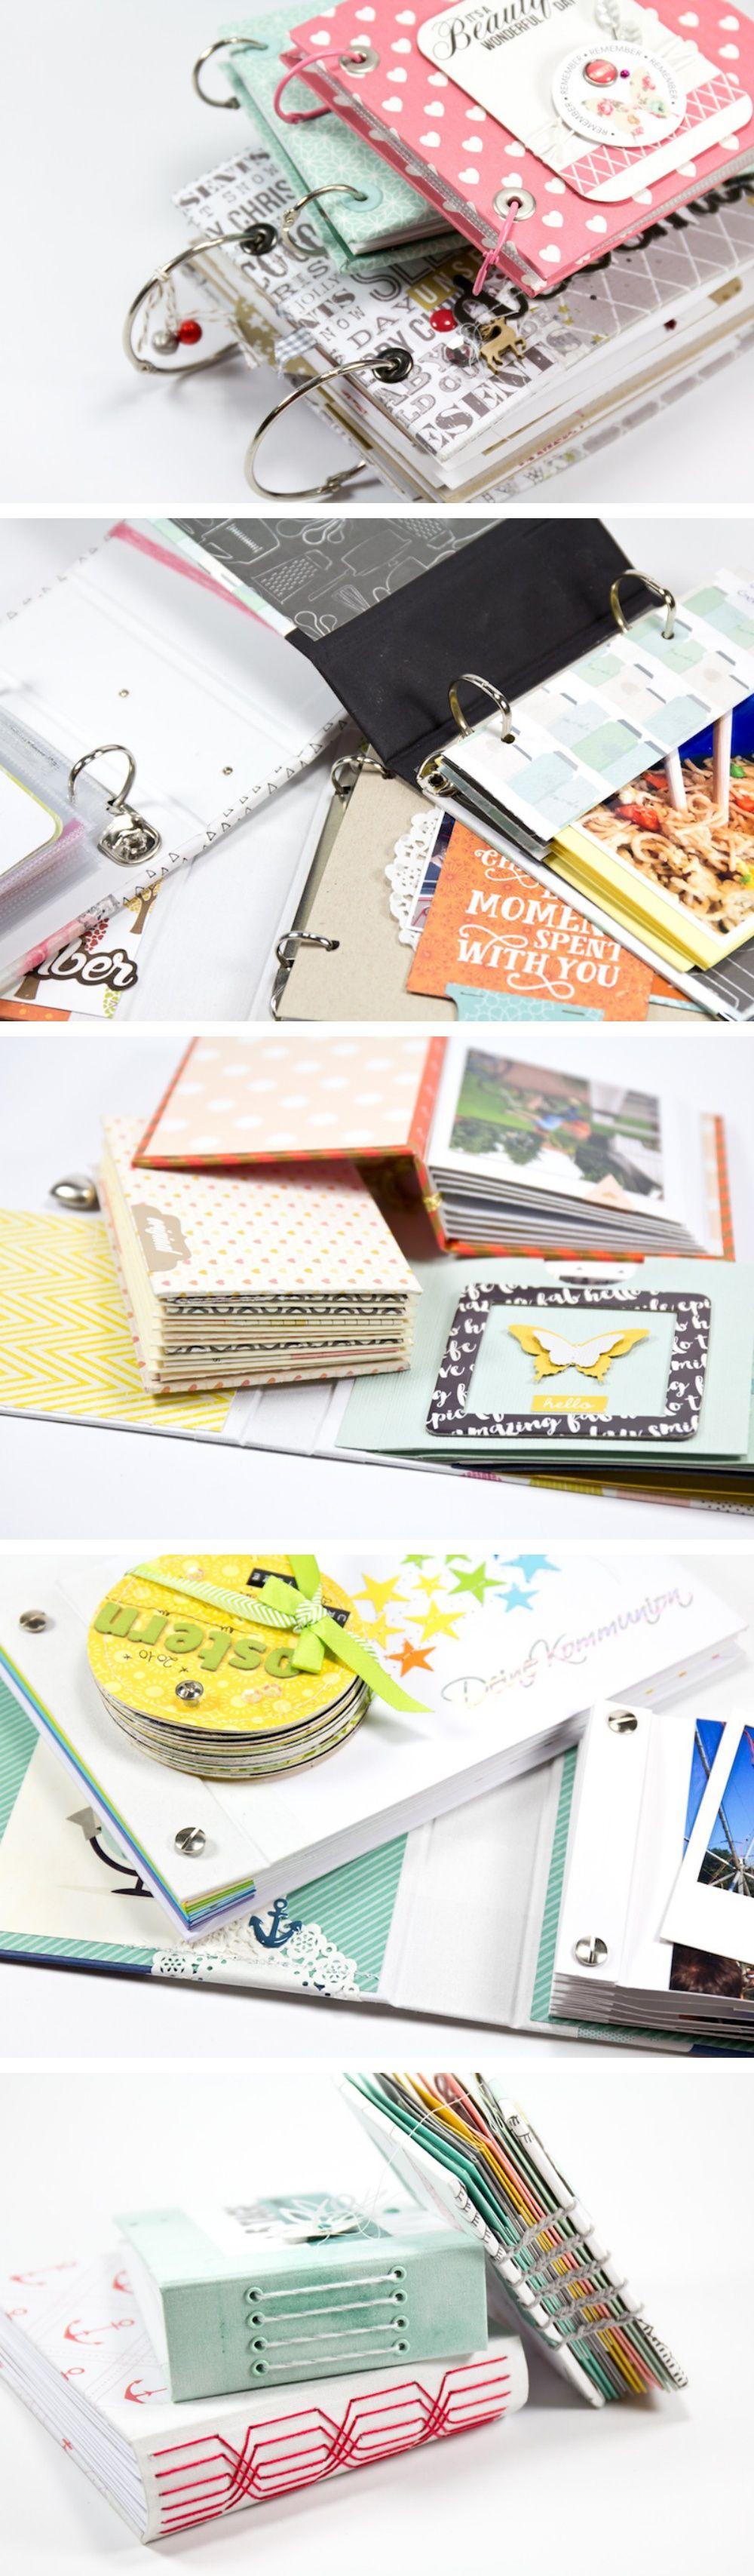 So viele Möglichkeiten Minialben zu binden :) | von Mel für www.danipeuss.de